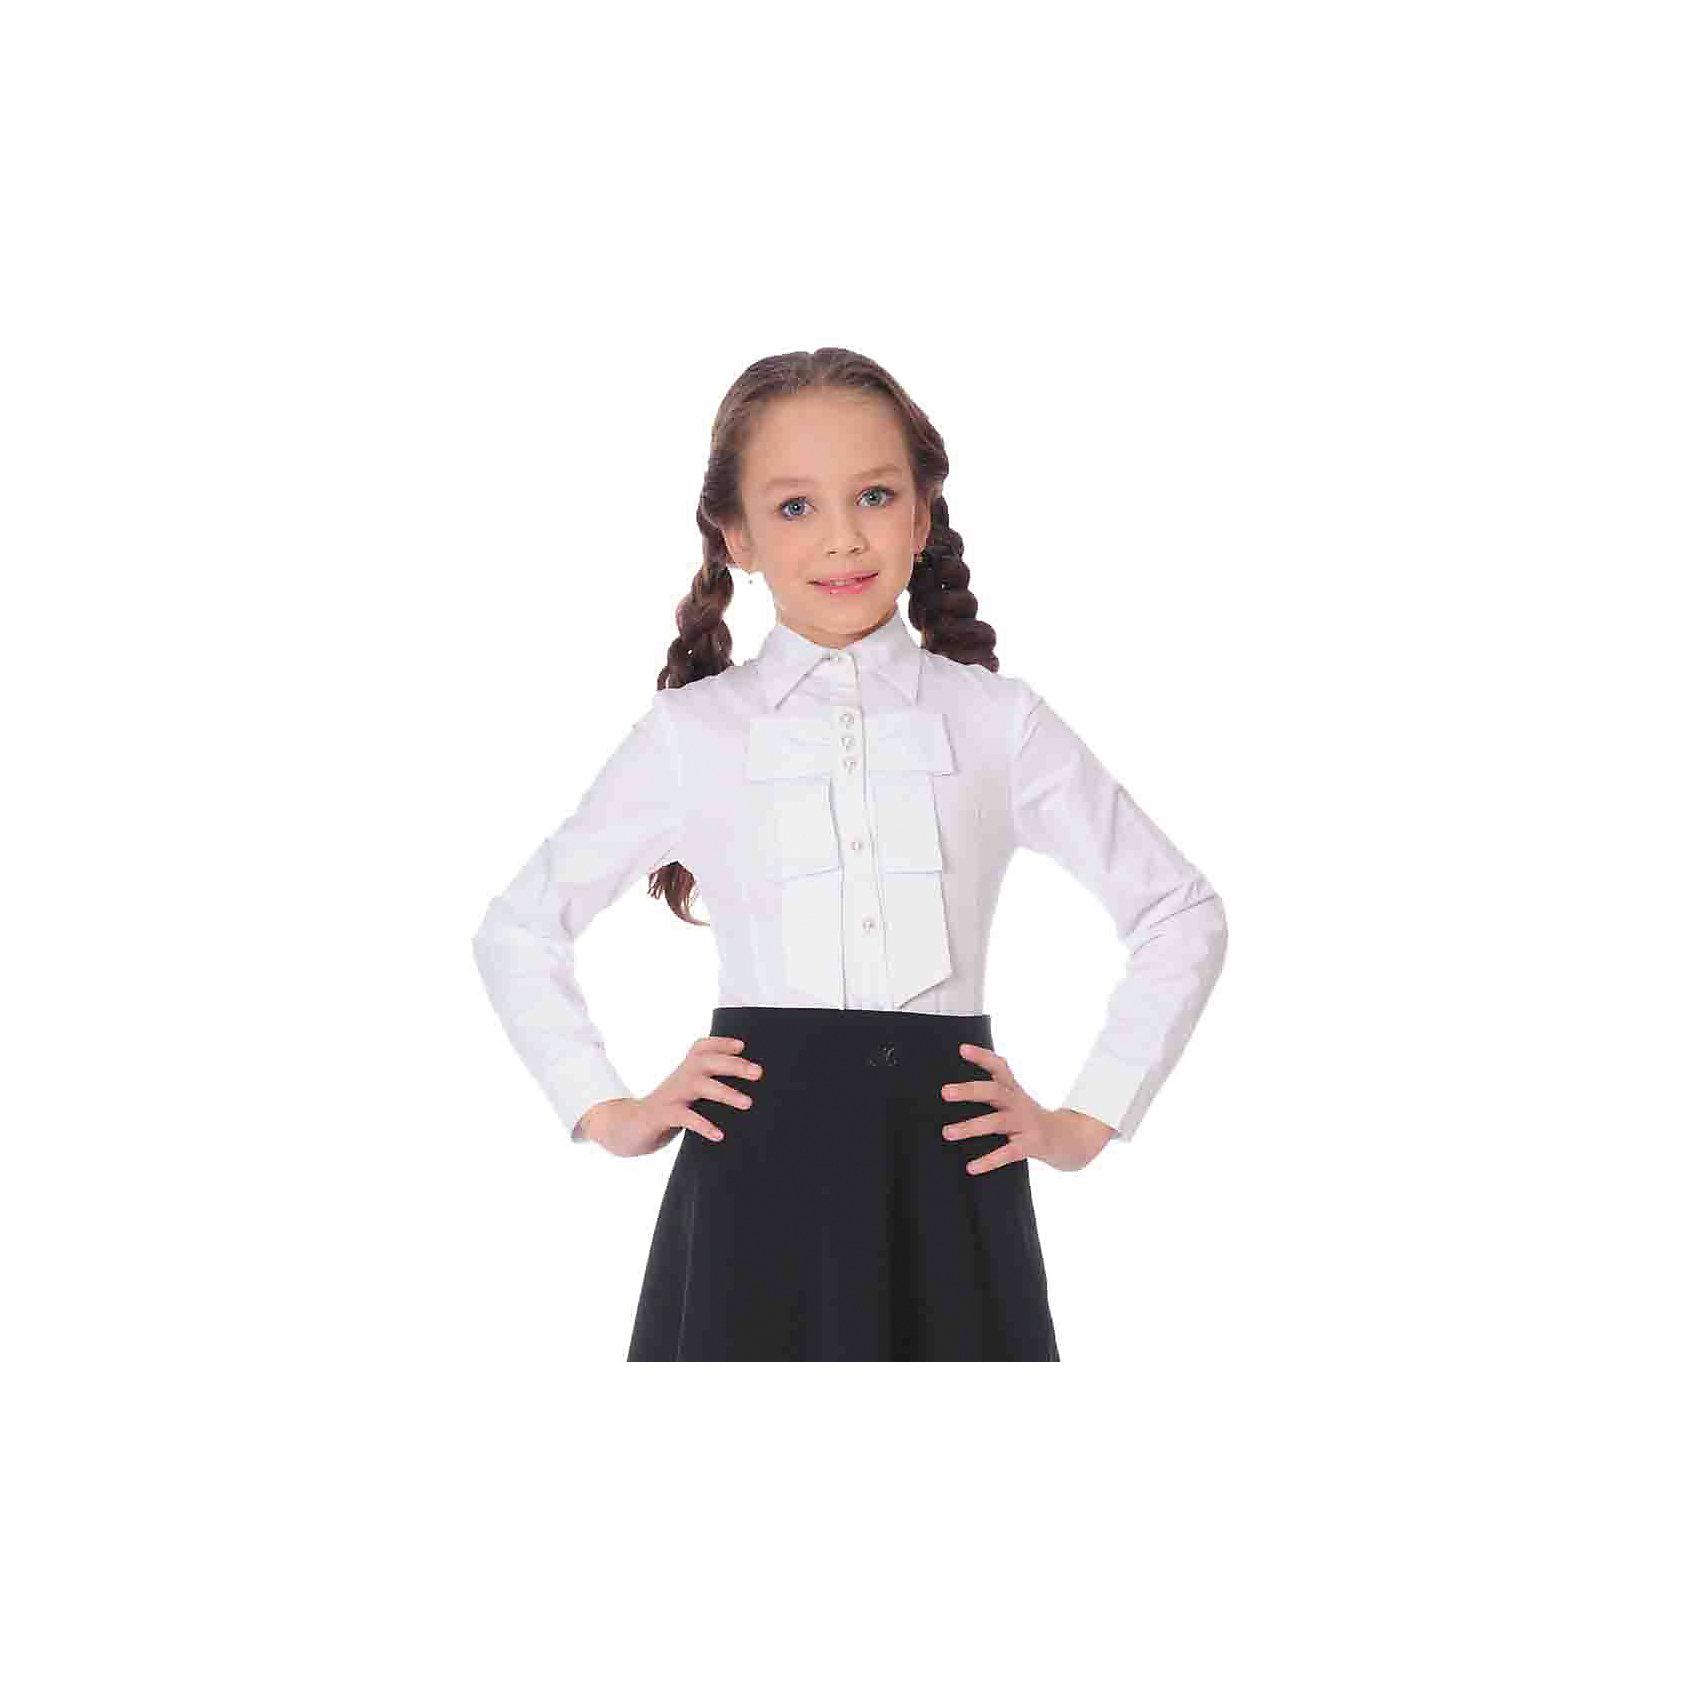 Блузка для девочки Анфиса SkylakeБлузки и рубашки<br>Блузка для девочки Анфиса от известного бренда Skylake.<br>Блузка прилегающего силуэта для девочек младшего и  среднего  школьного возраста.<br>Изготовлена из смесовой  хлопковой ткани белого  цвета.<br>Застежка спереди на планку с пуговицами.<br>Воротник отложной на отрезной стойке.<br>Полочки и спинка блузки с талиевыми вытачками.<br>Полочка на кокетке украшена тремя рядами плиссированных оборок.<br>Рукава втачные короткие типа фонарик на резинке.<br><br>Состав:<br>65%полиэстер,35% хлопок<br><br>Ширина мм: 186<br>Глубина мм: 87<br>Высота мм: 198<br>Вес г: 197<br>Цвет: белый<br>Возраст от месяцев: 96<br>Возраст до месяцев: 108<br>Пол: Женский<br>Возраст: Детский<br>Размер: 134,170,164,158,152,146,140<br>SKU: 4796575